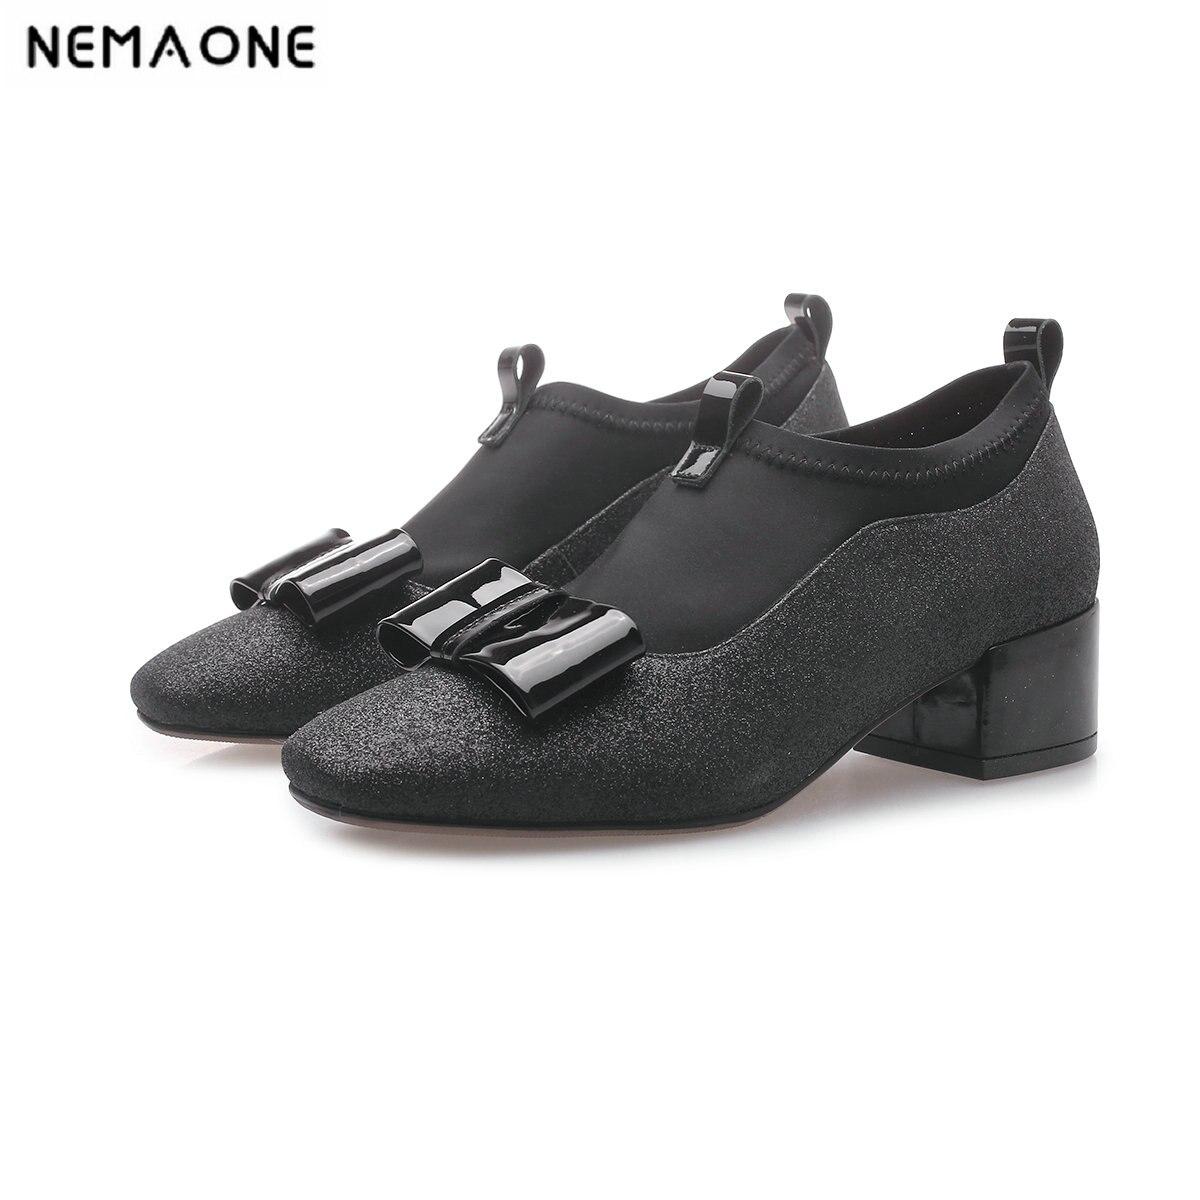 NEMAONE Novo 4 cm saltos quadrados mulheres bombas genuína sapatos de couro do dedo do pé quadrado sapatos das senhoras das mulheres primavera outono